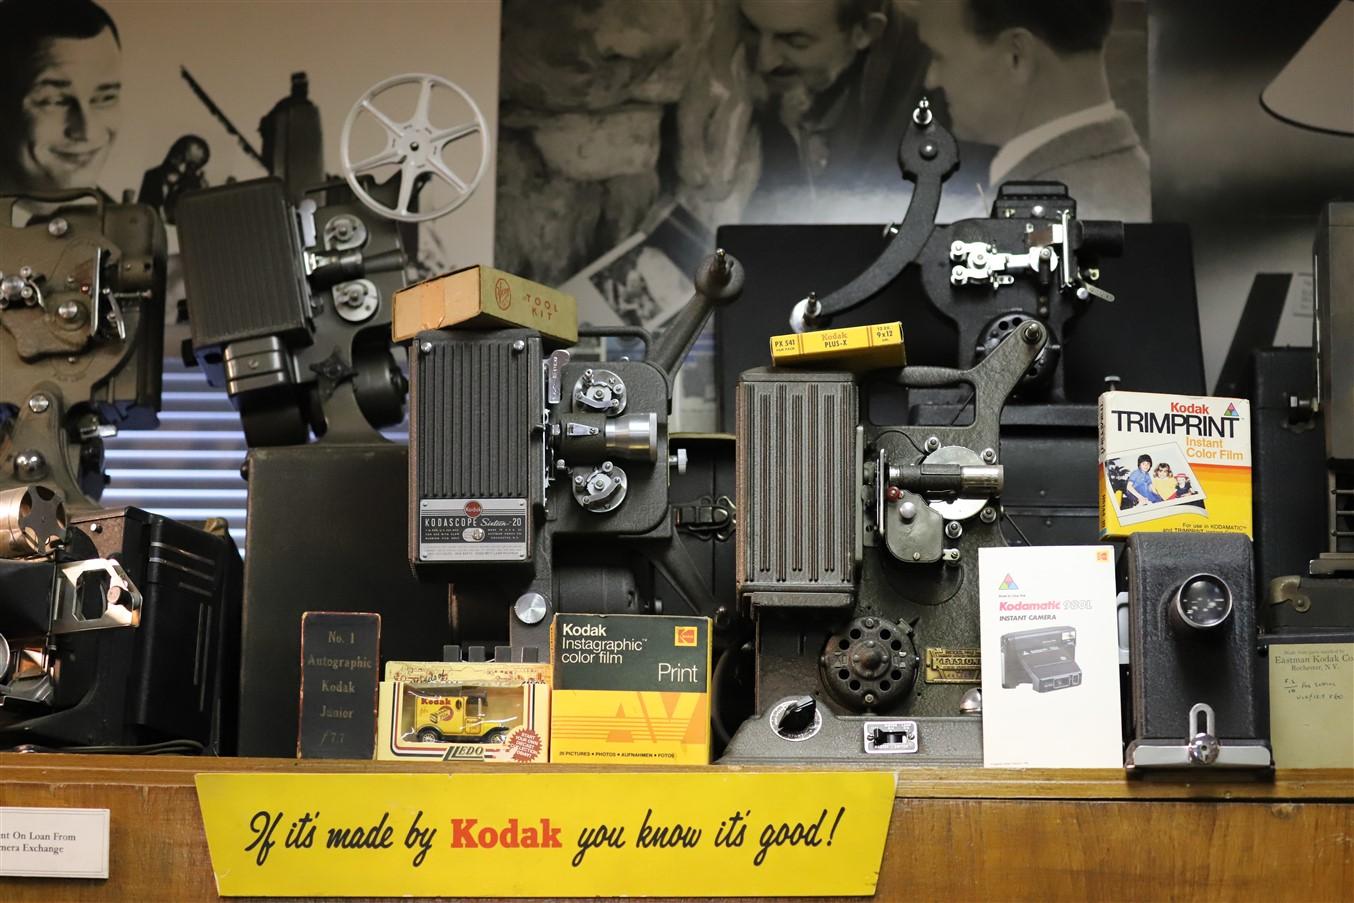 2018 08 04 81 Pittsburgh Photo Antiquities Museum.jpg